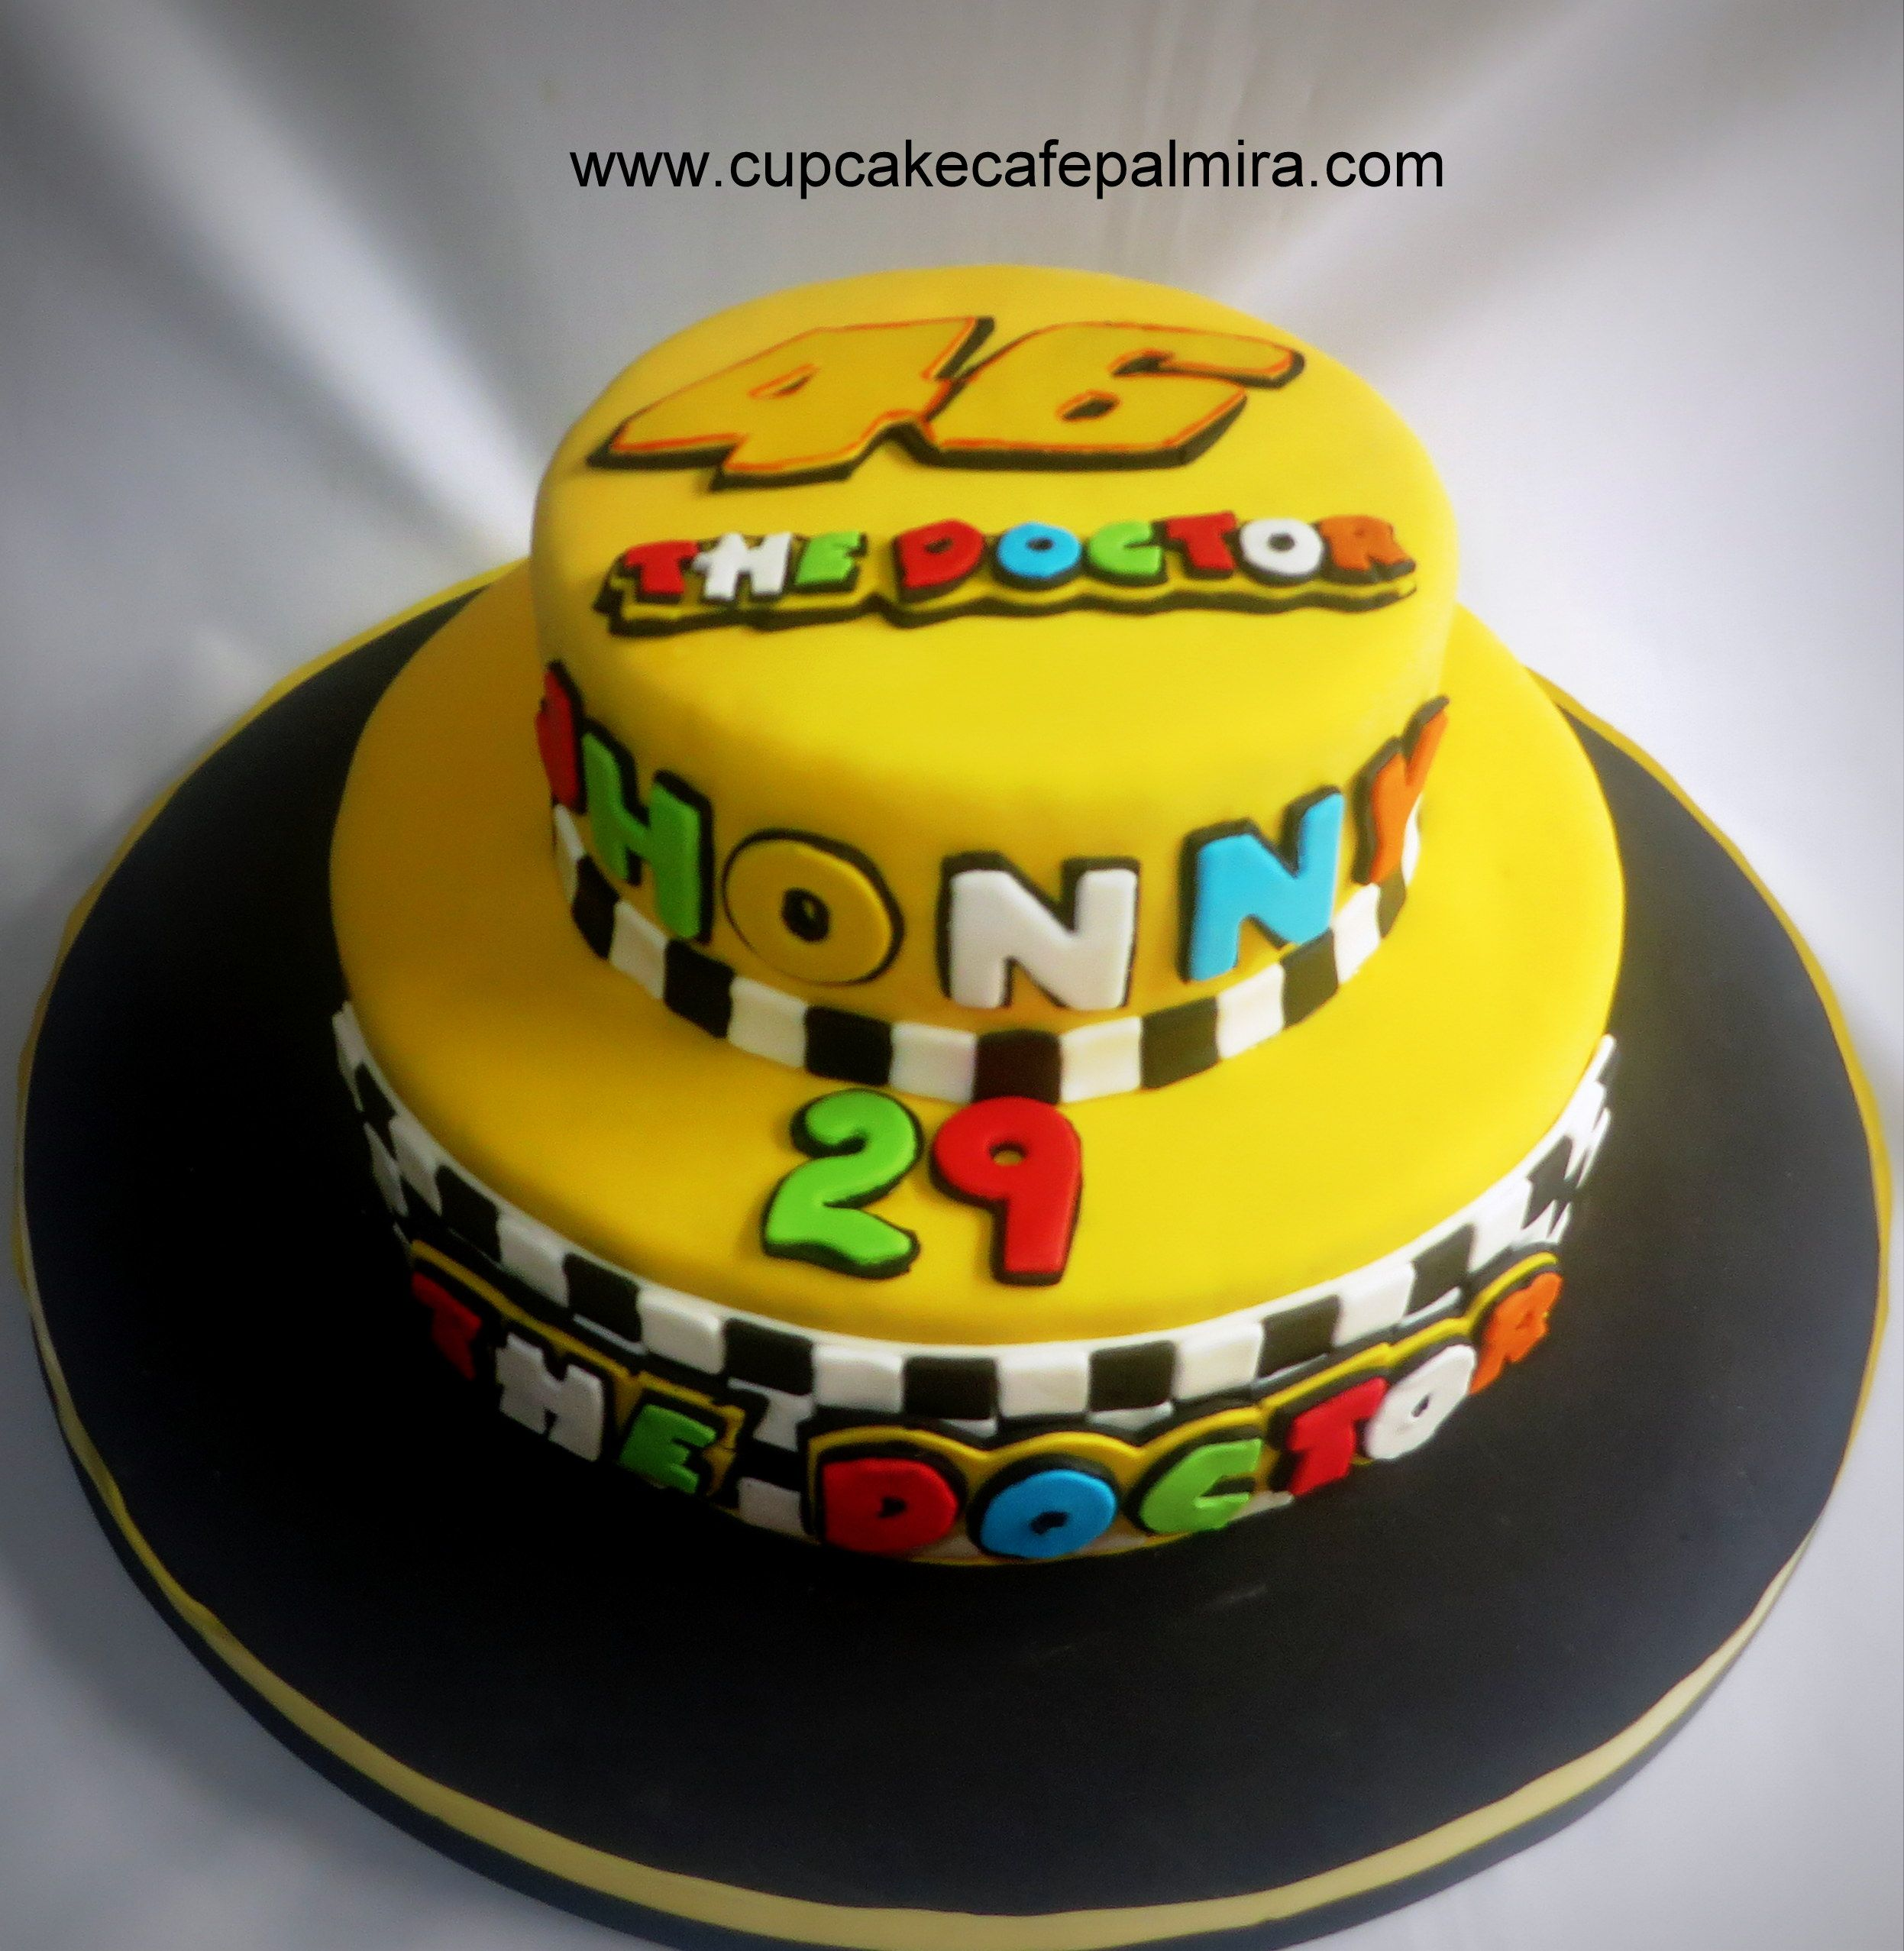 Tortas, Tortas Temáticas, Cupcakes